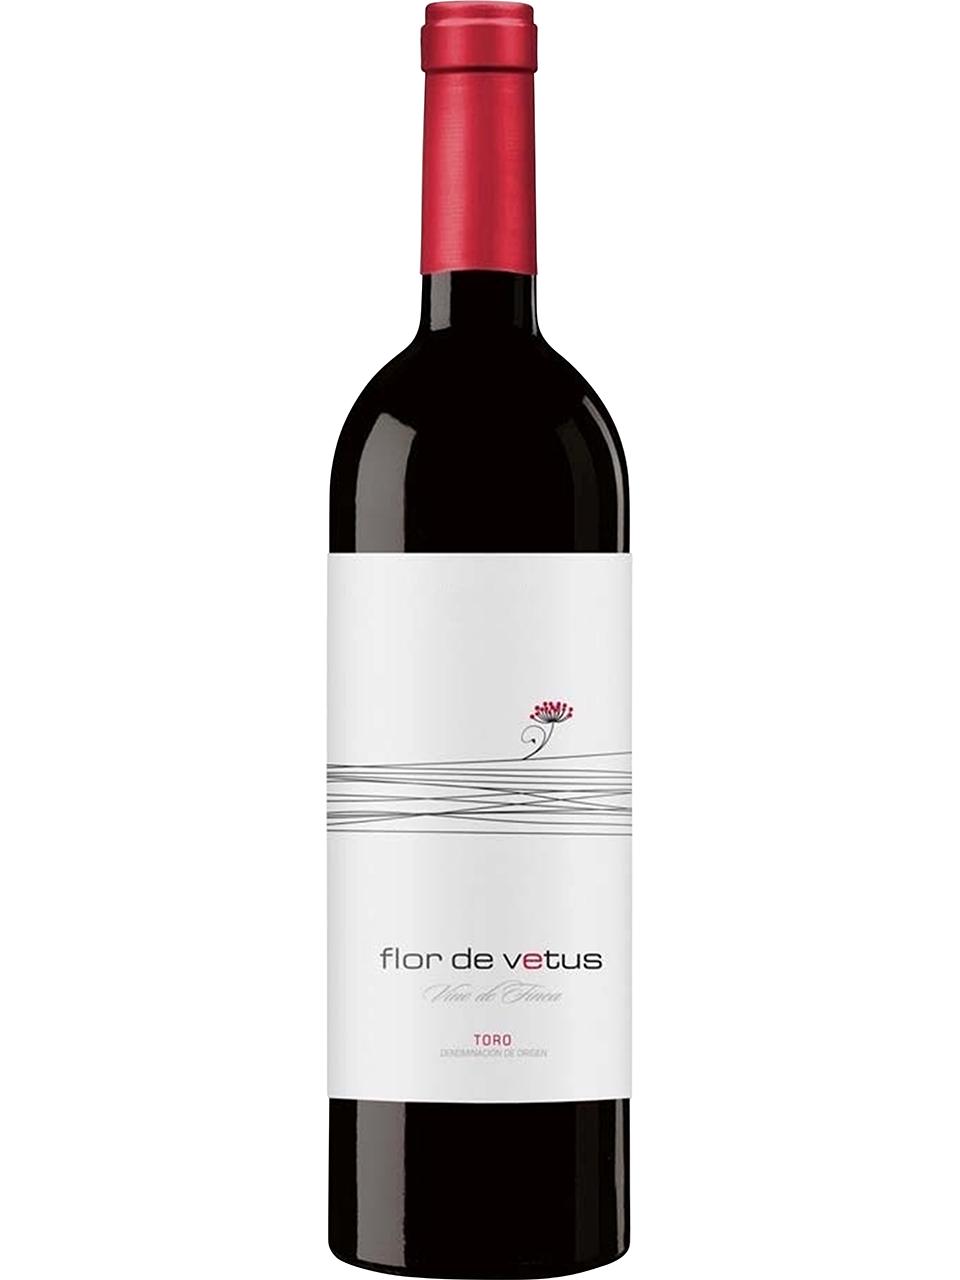 Flor De Vetus Toro